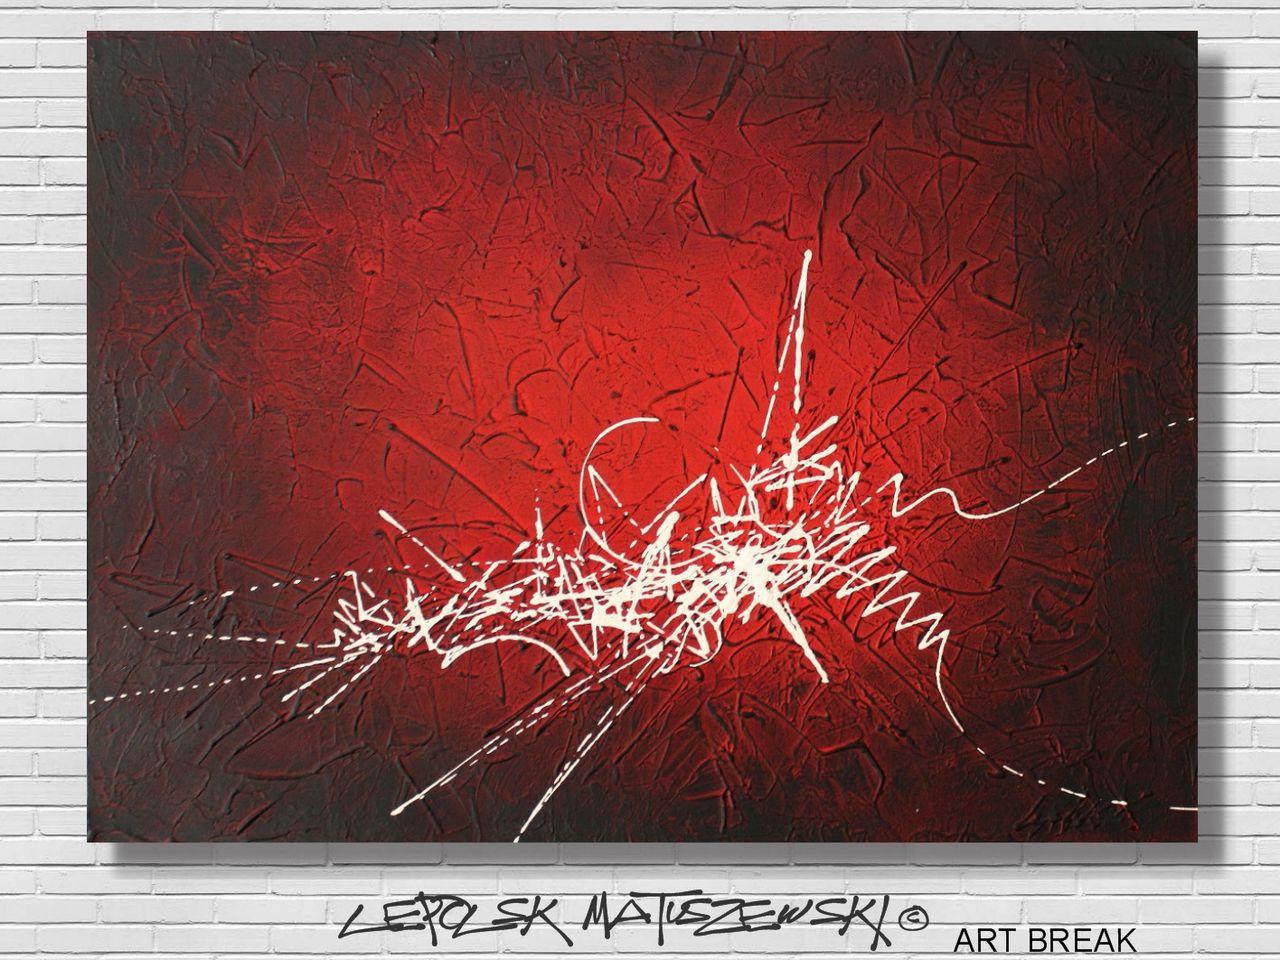 MK  Lepolsk Matuszewski ART BREAK   ( expressionnisme abstrait contemporain )